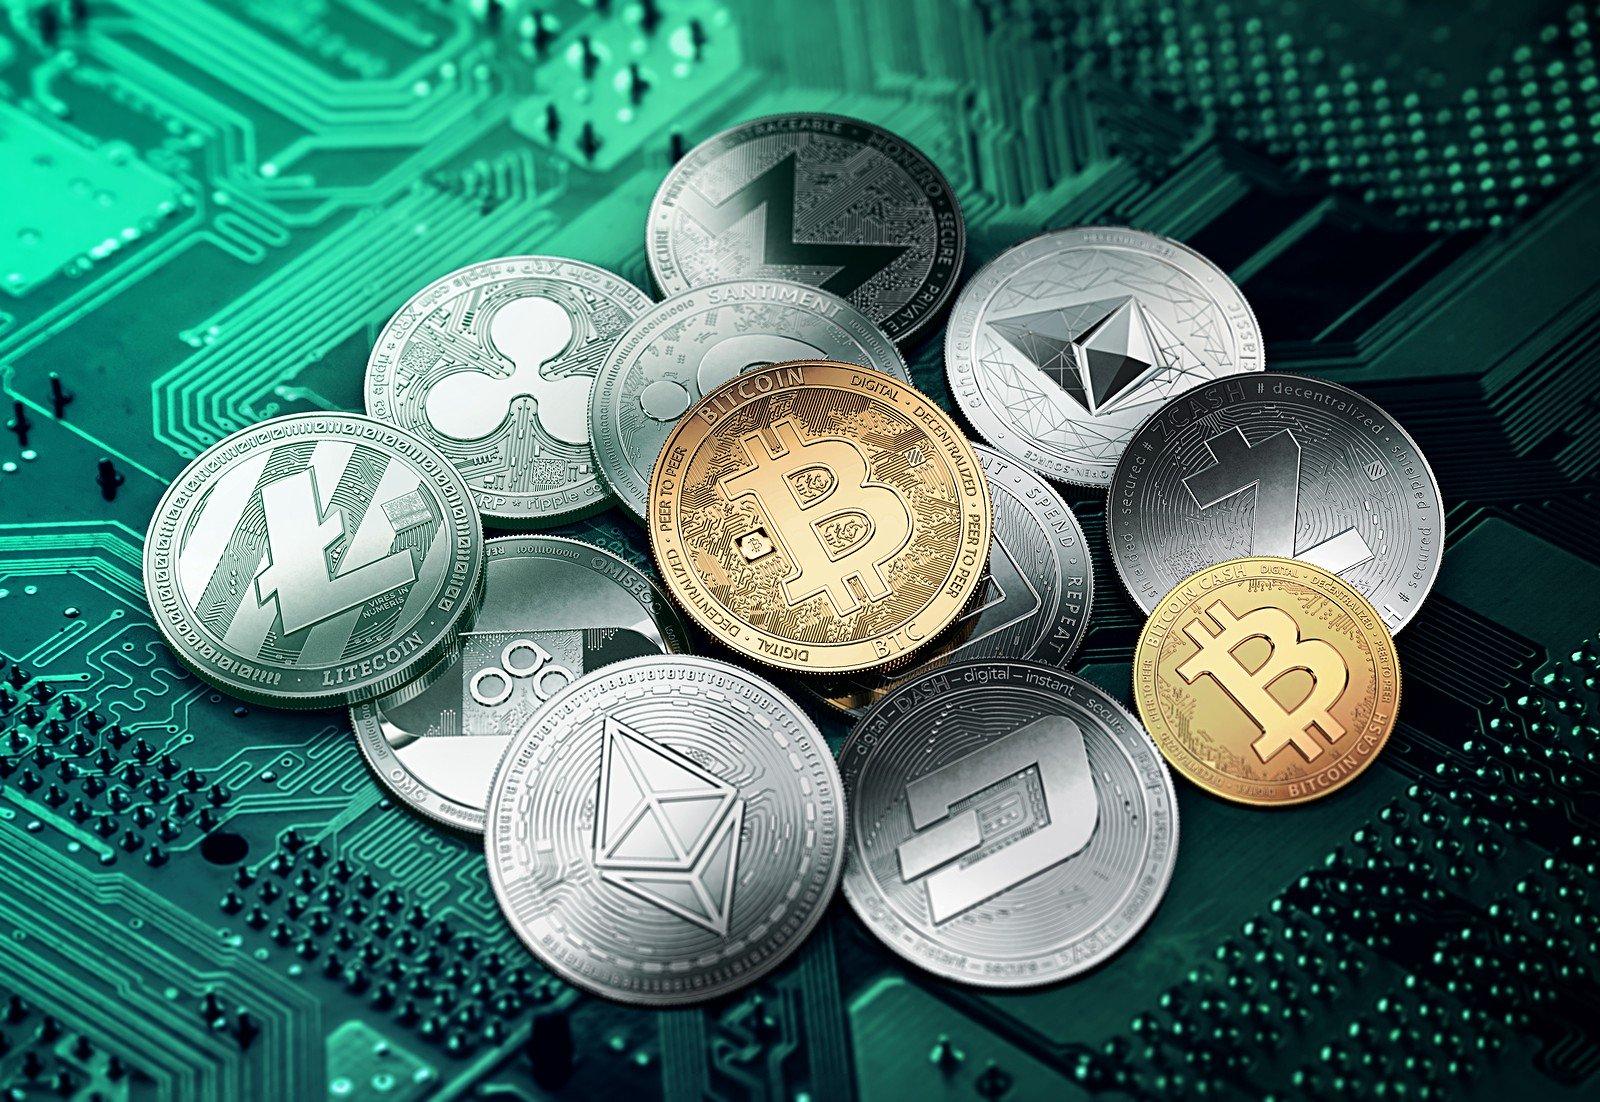 Comercio criptográfico se recupera y sigue creciendo, según datos de Chainalysis